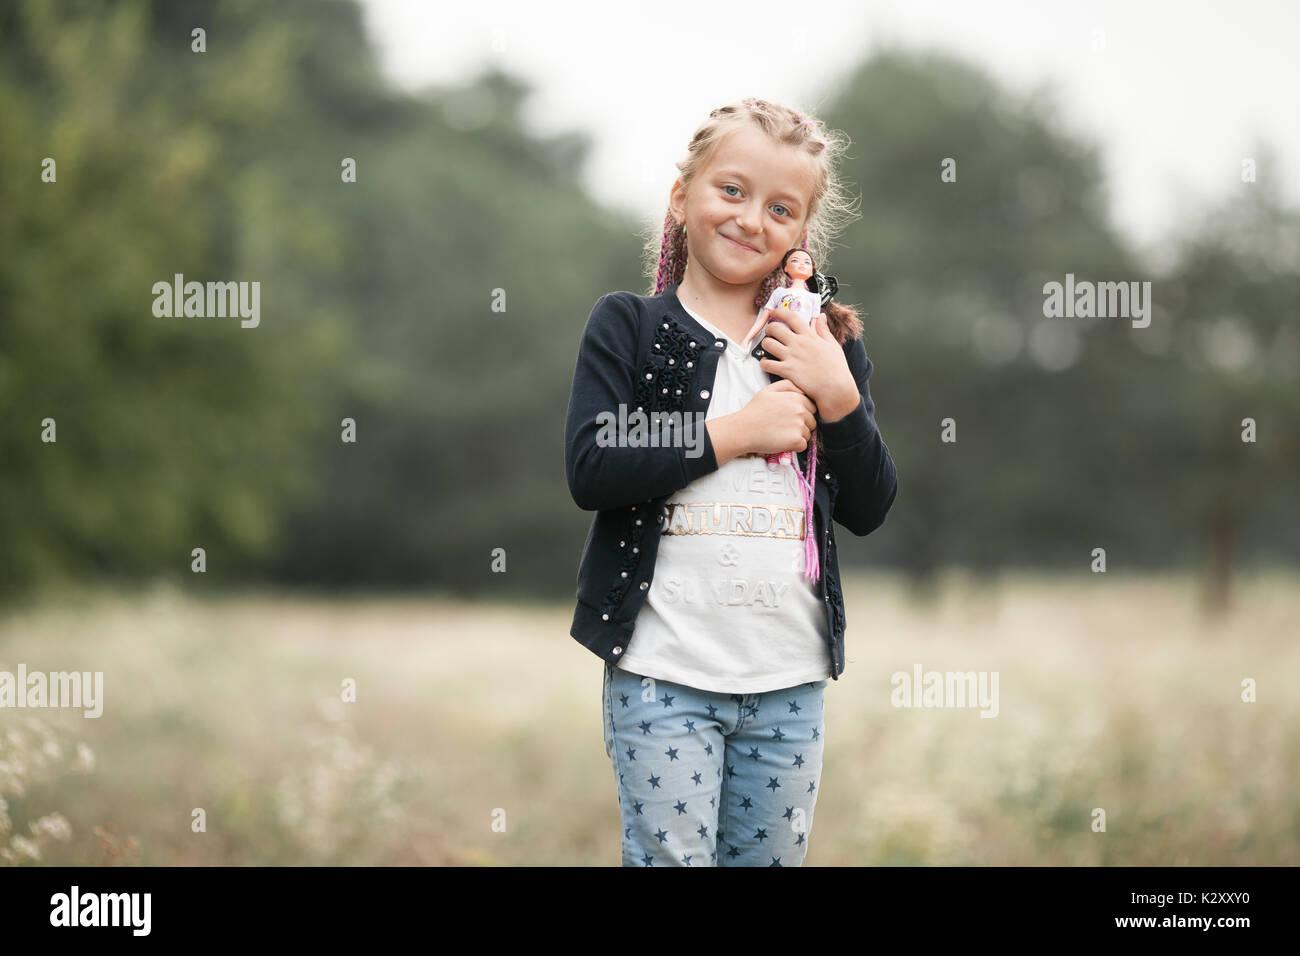 Bambino ragazza con pig-tail sorrisi e gioca con la sua bambola a piedi. Immagini Stock